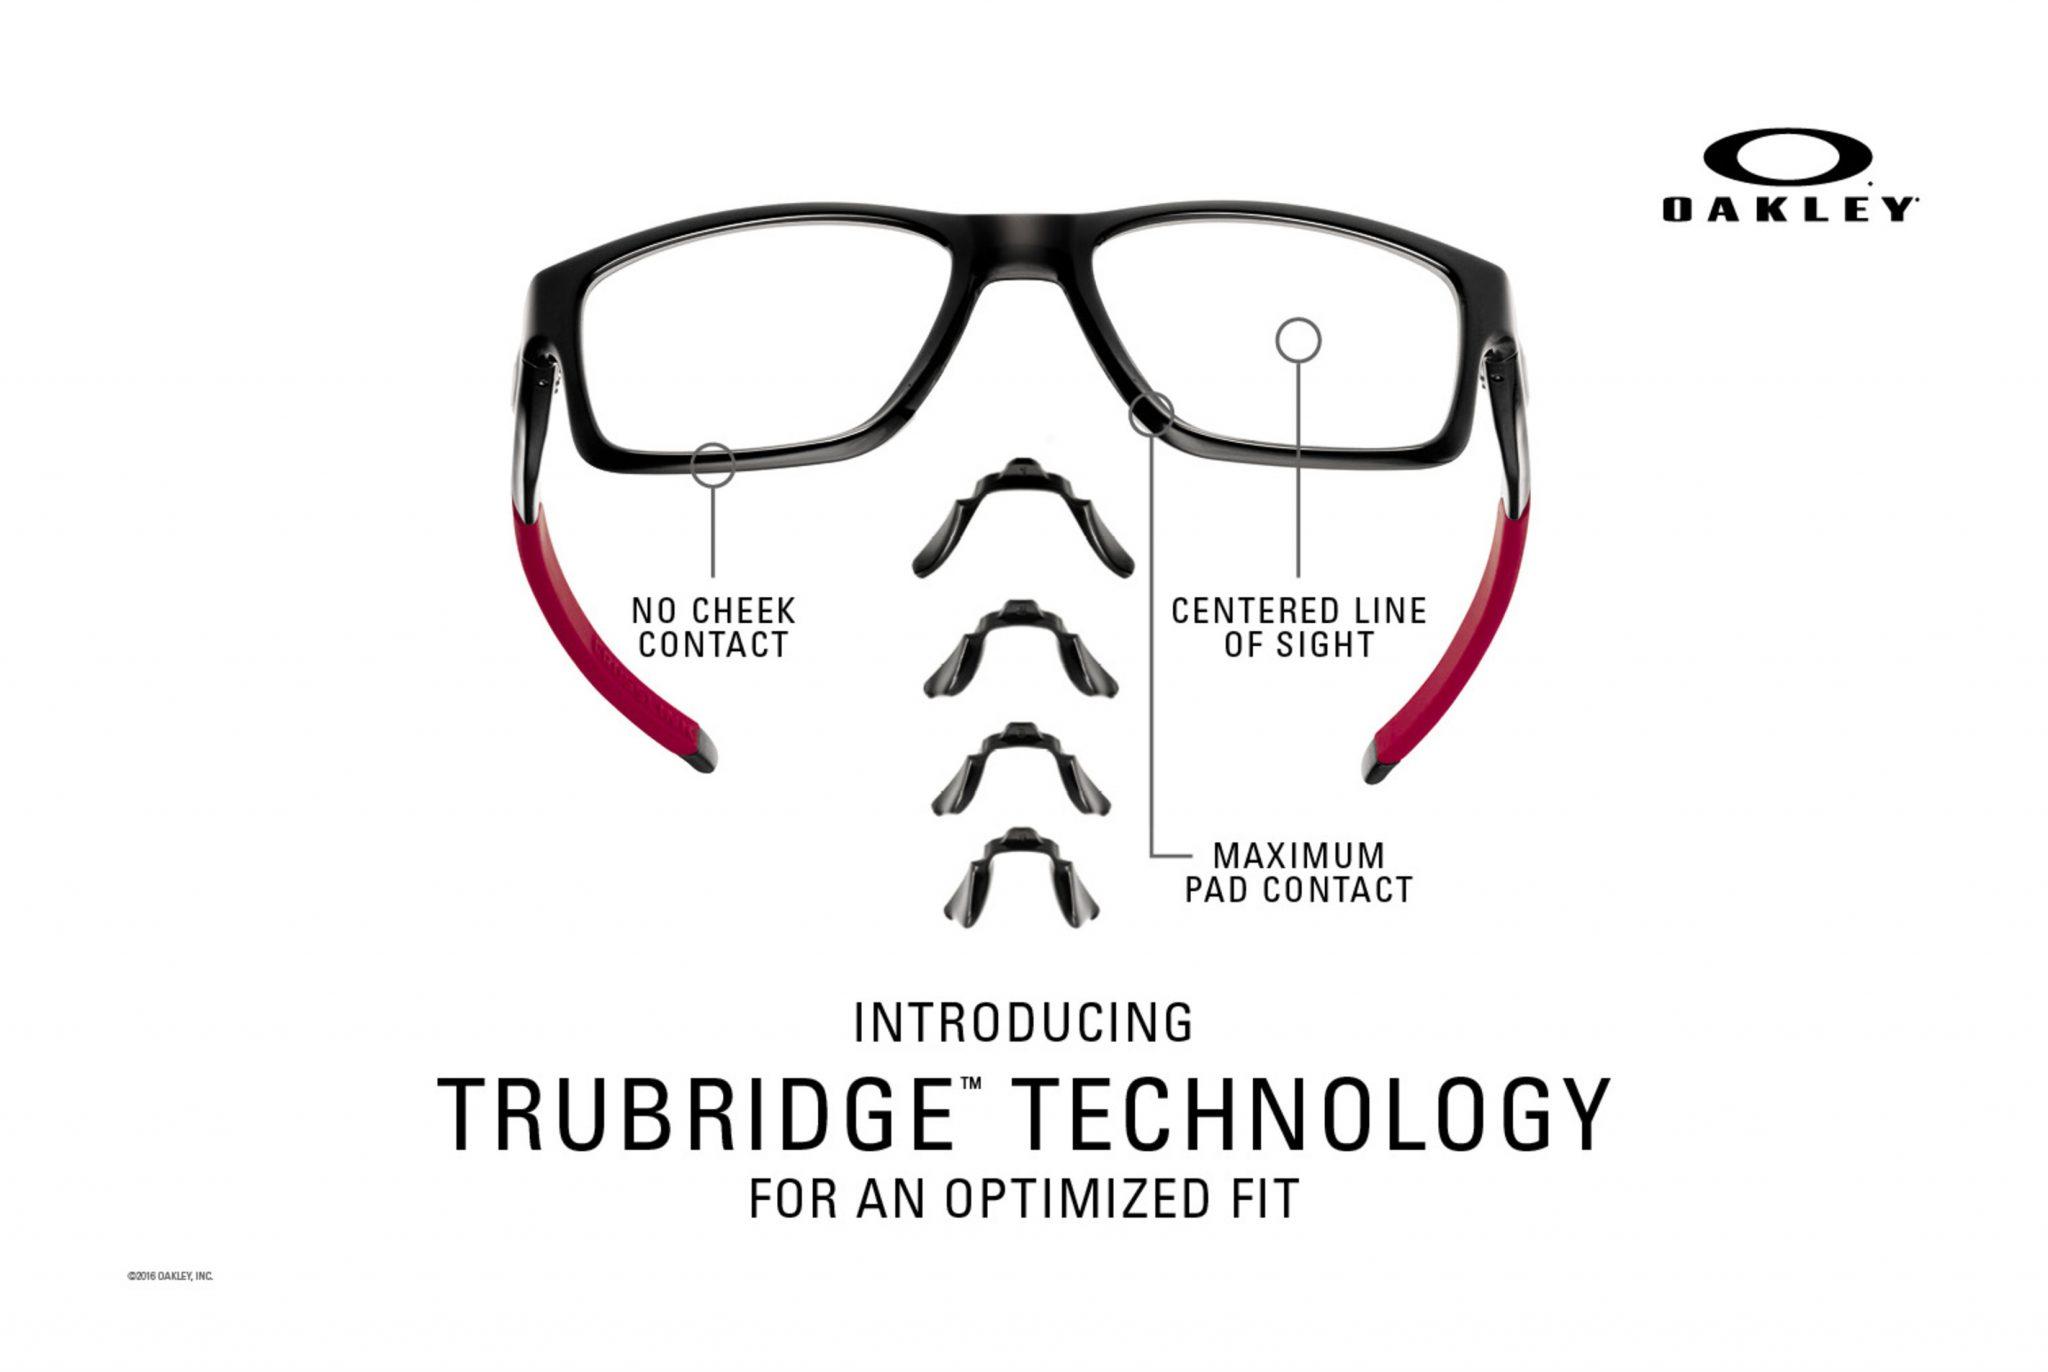 Oakley_TruBridge_Technology